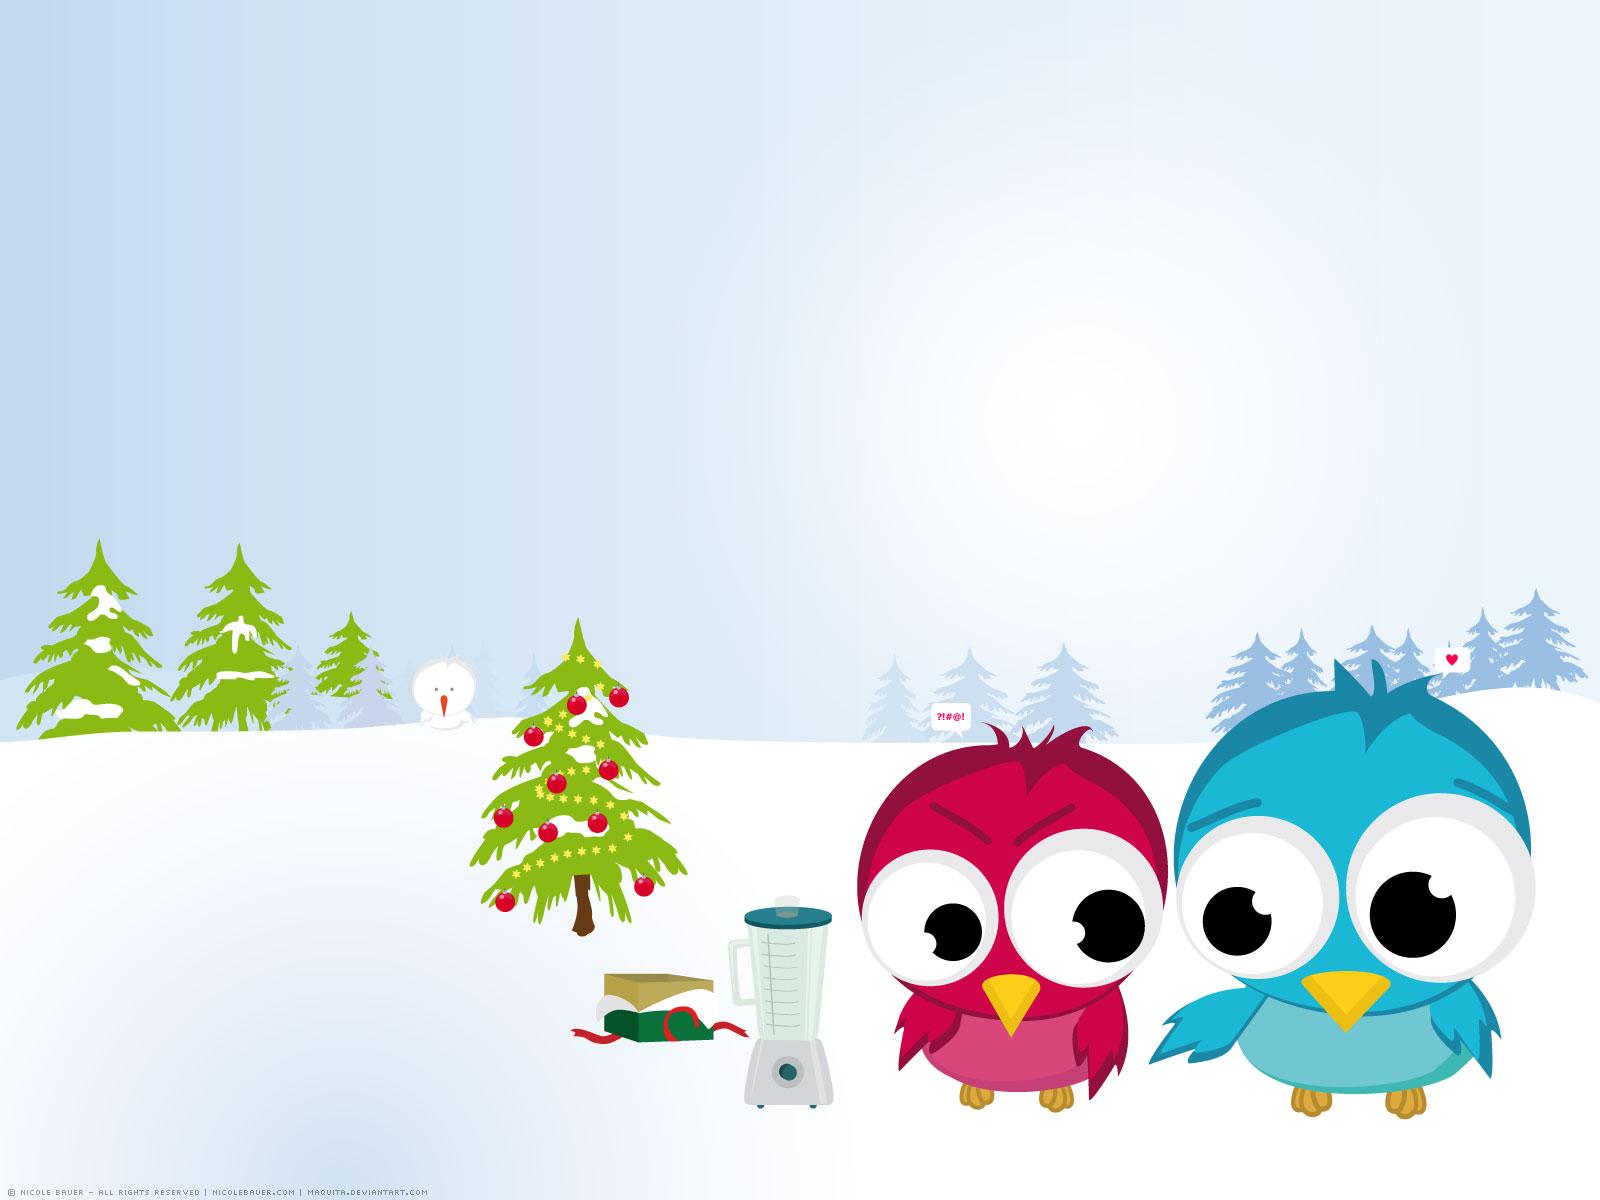 دانلود فانتزی عاشقانه کریسمس